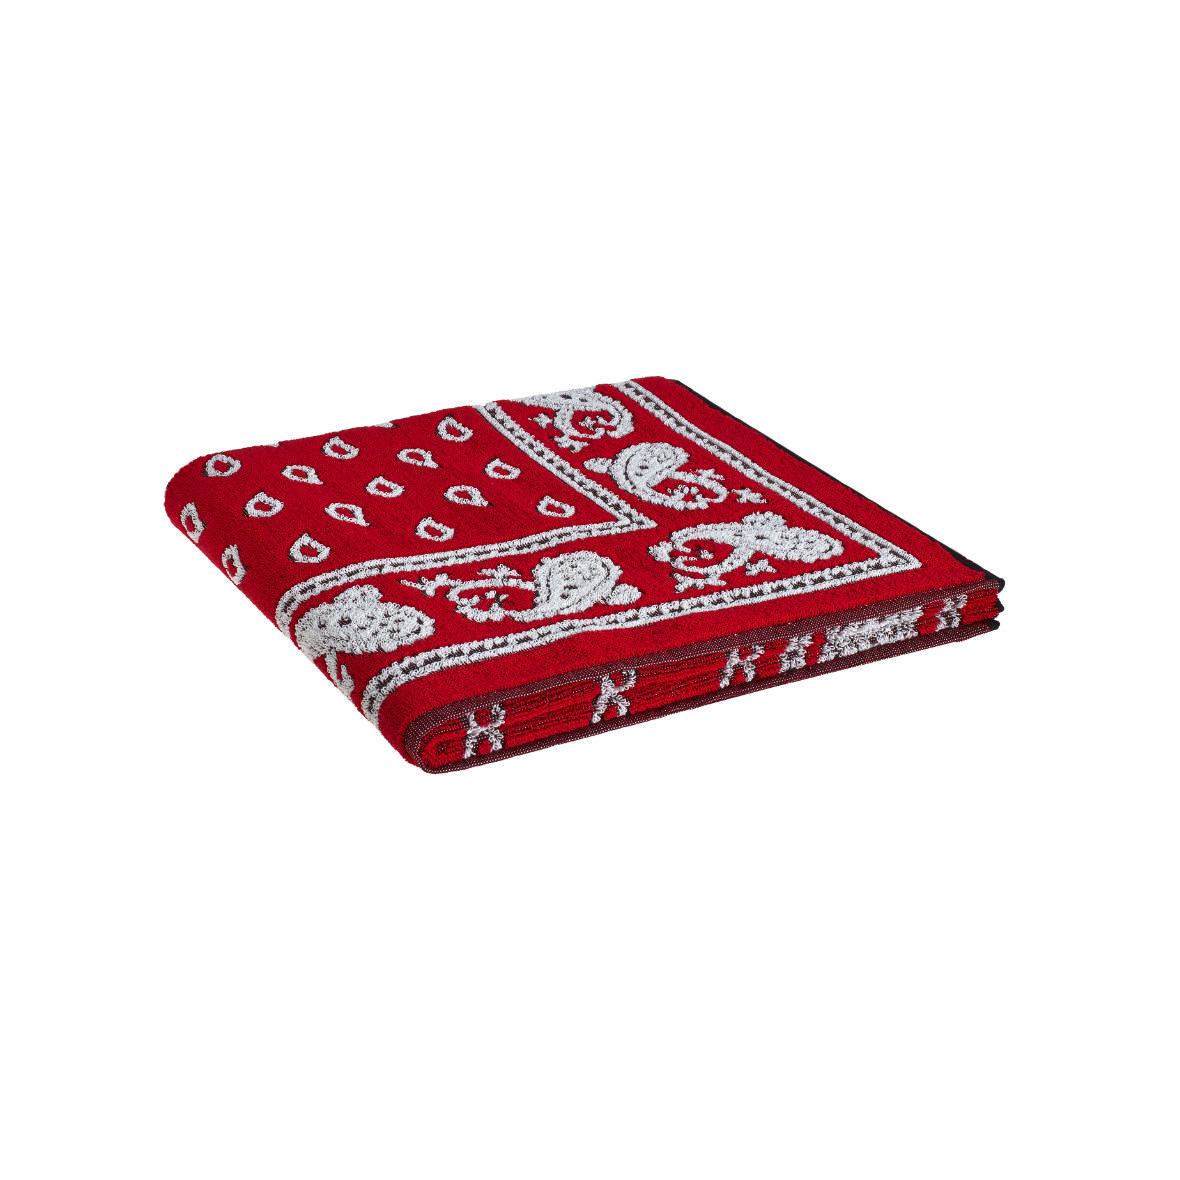 Glarner Handtuch von Weseta, rot weiss